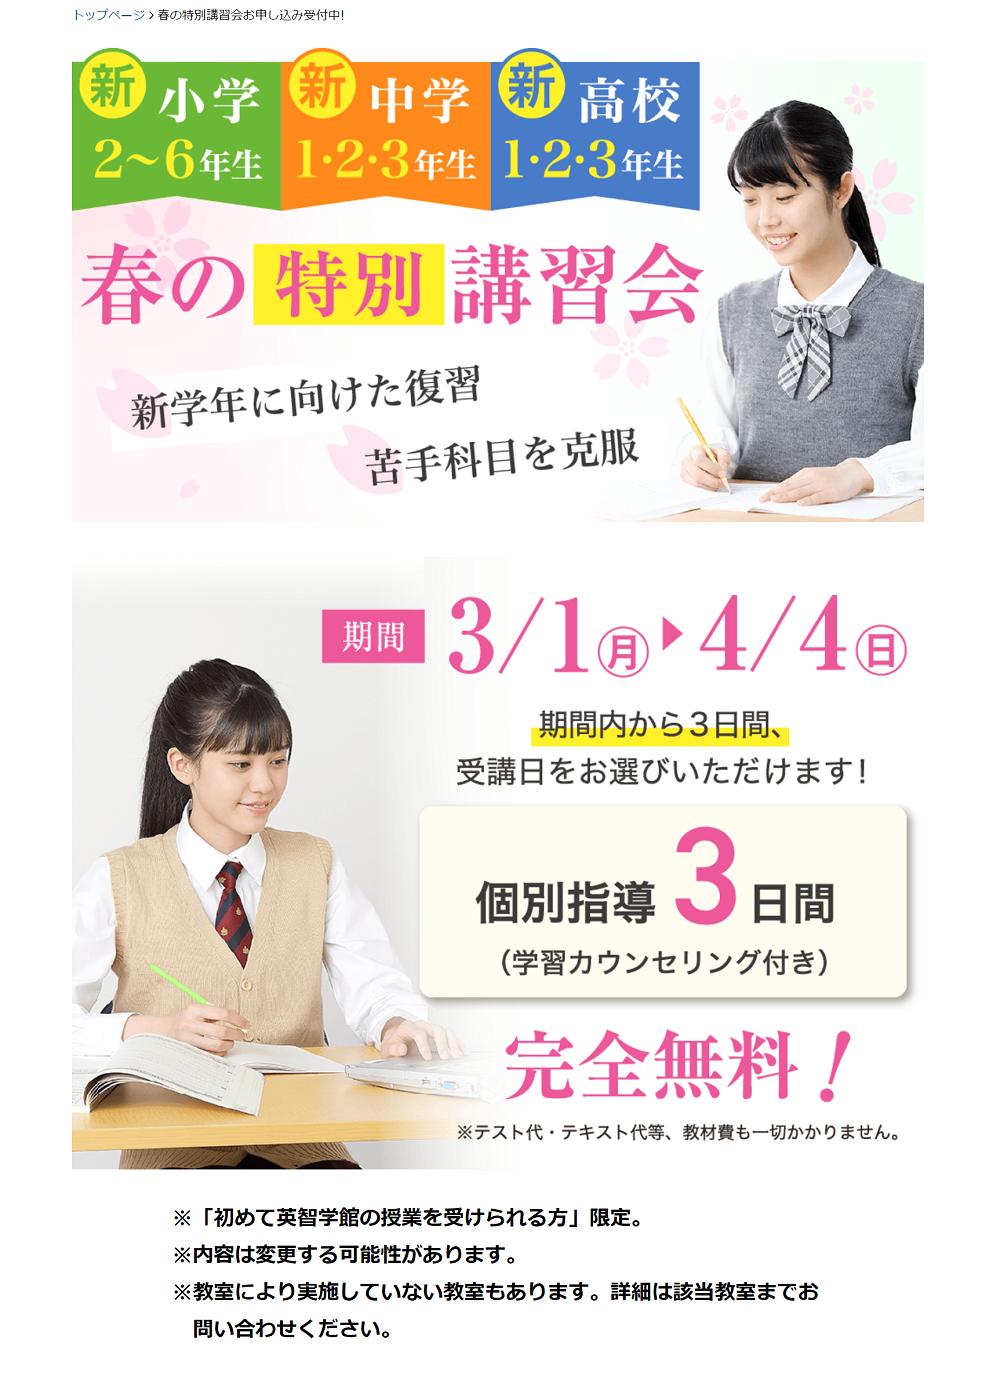 【英智学館】春の特別講習会お申込み受付中!